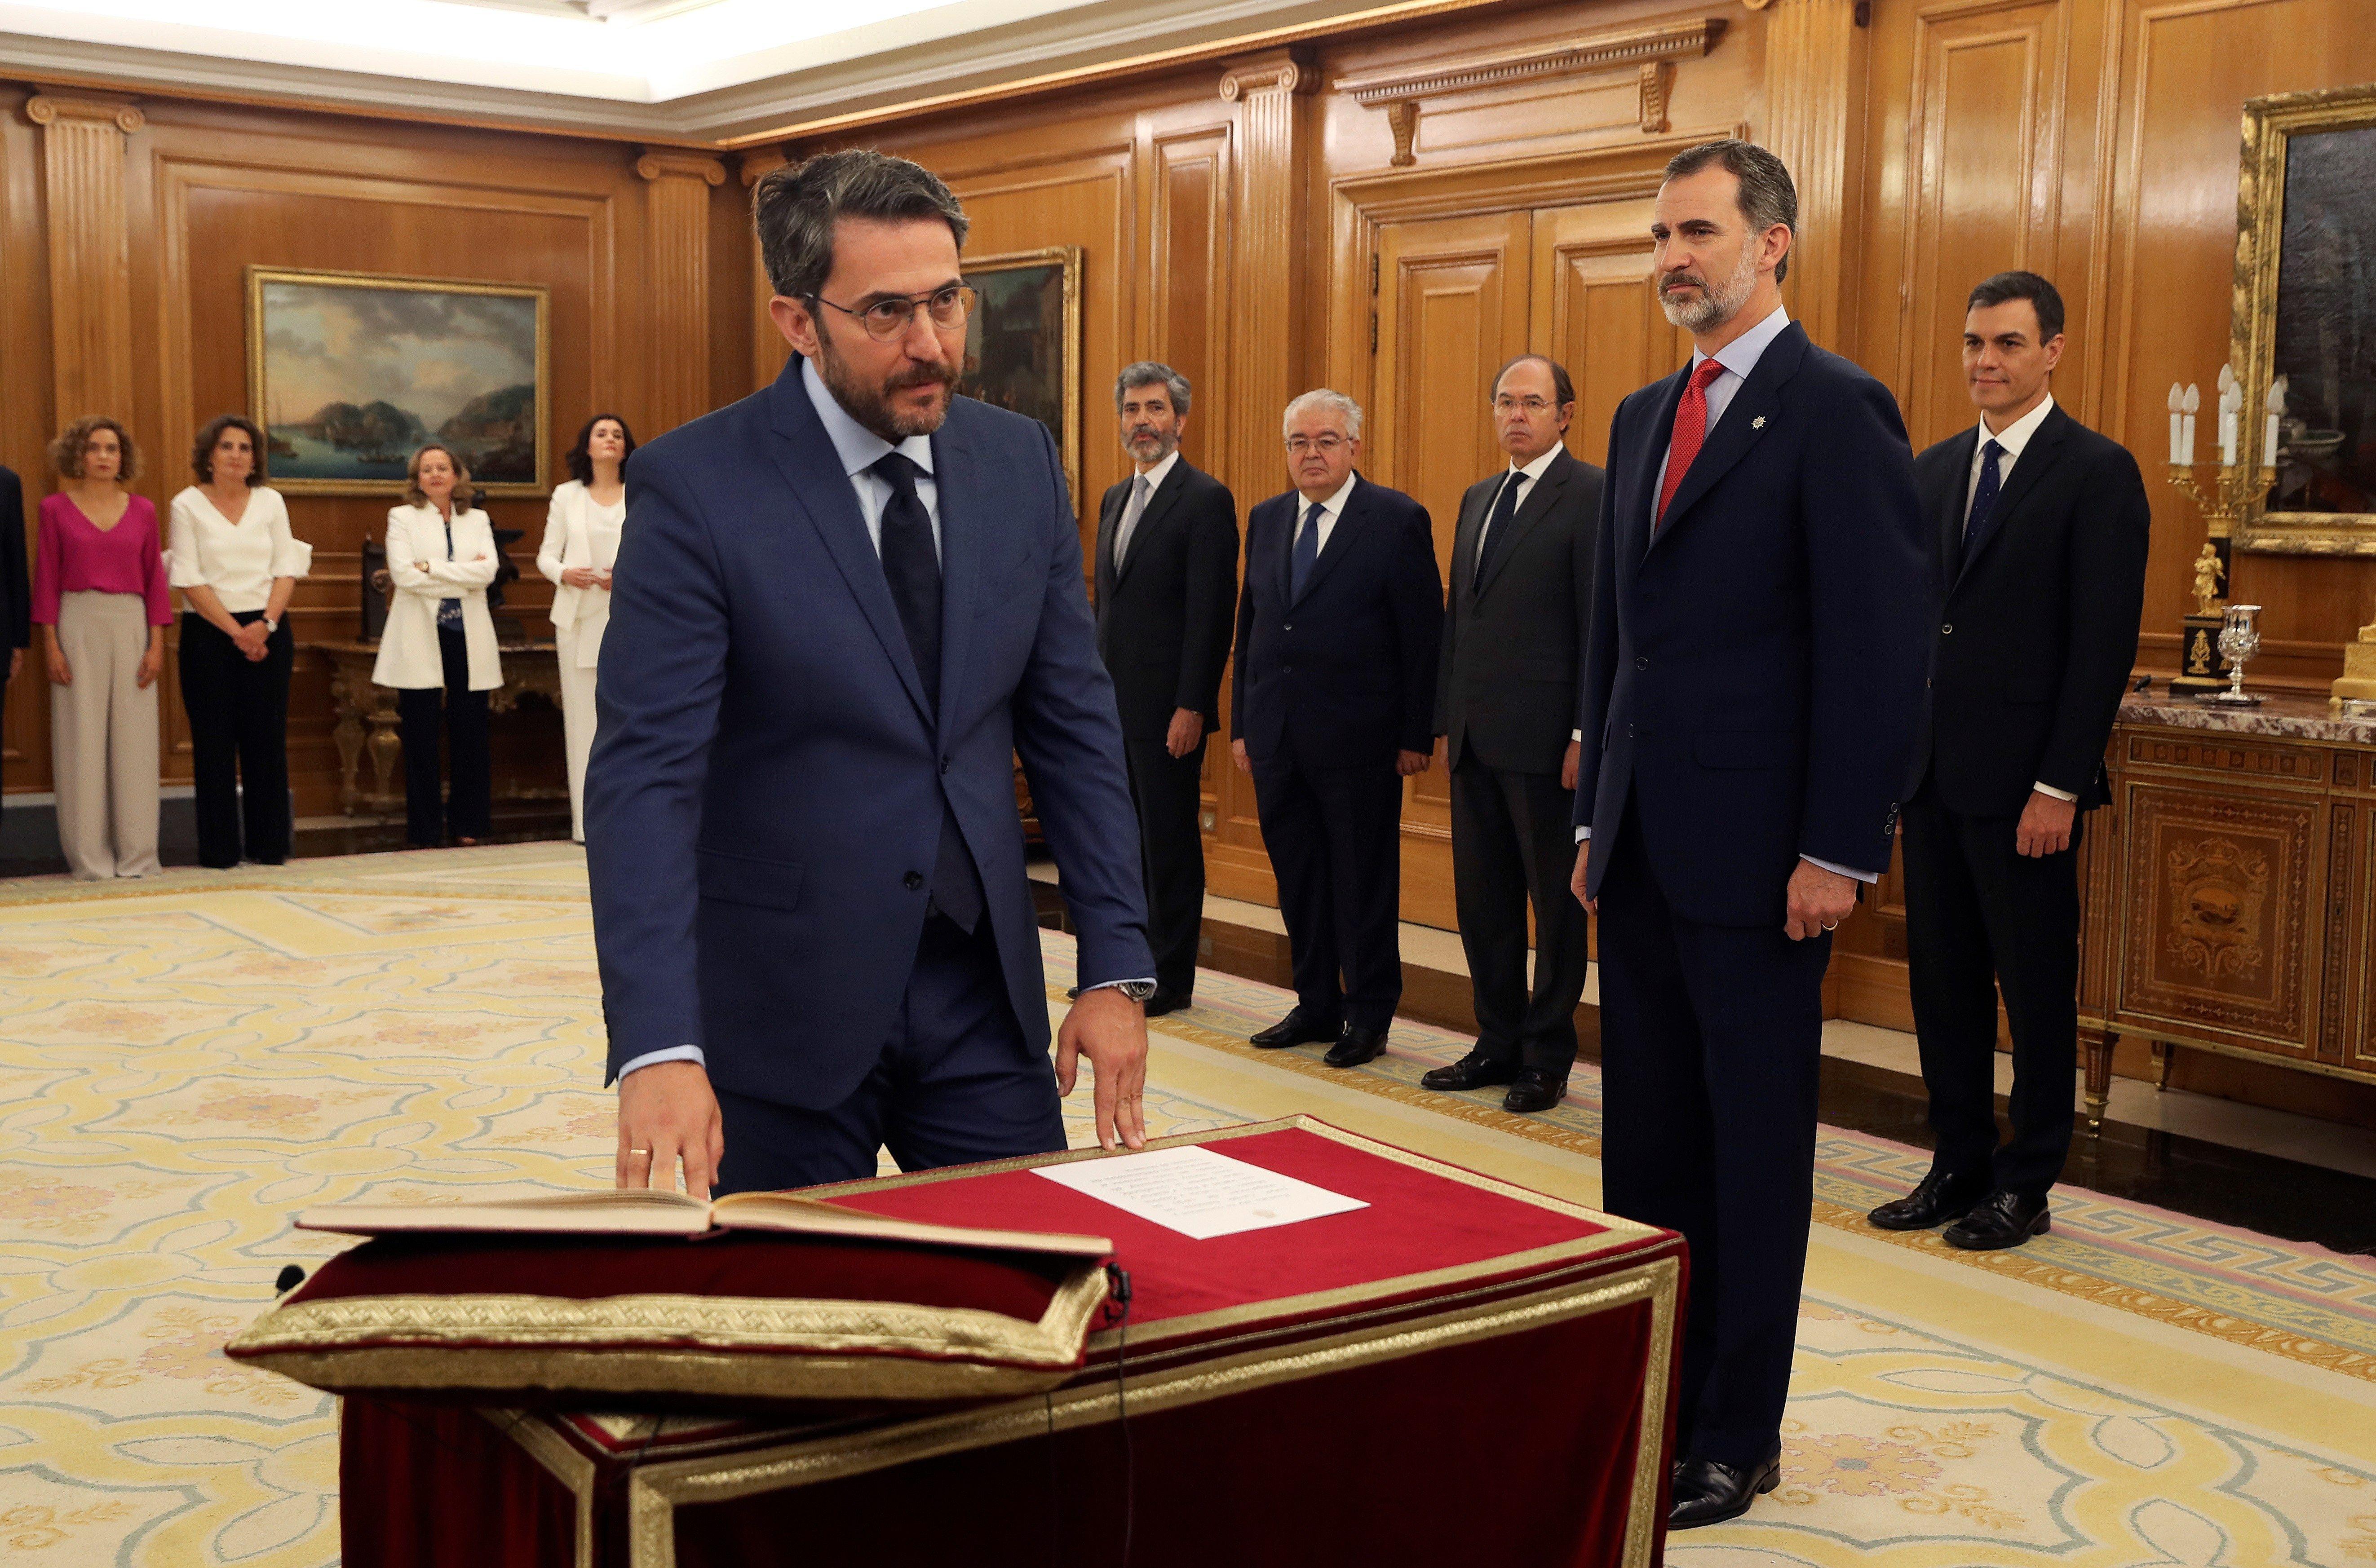 Maxim Huerta jura el cargo de ministro frente a Felipe VI, Rey de España, y Pedro Sánchez (Efe).